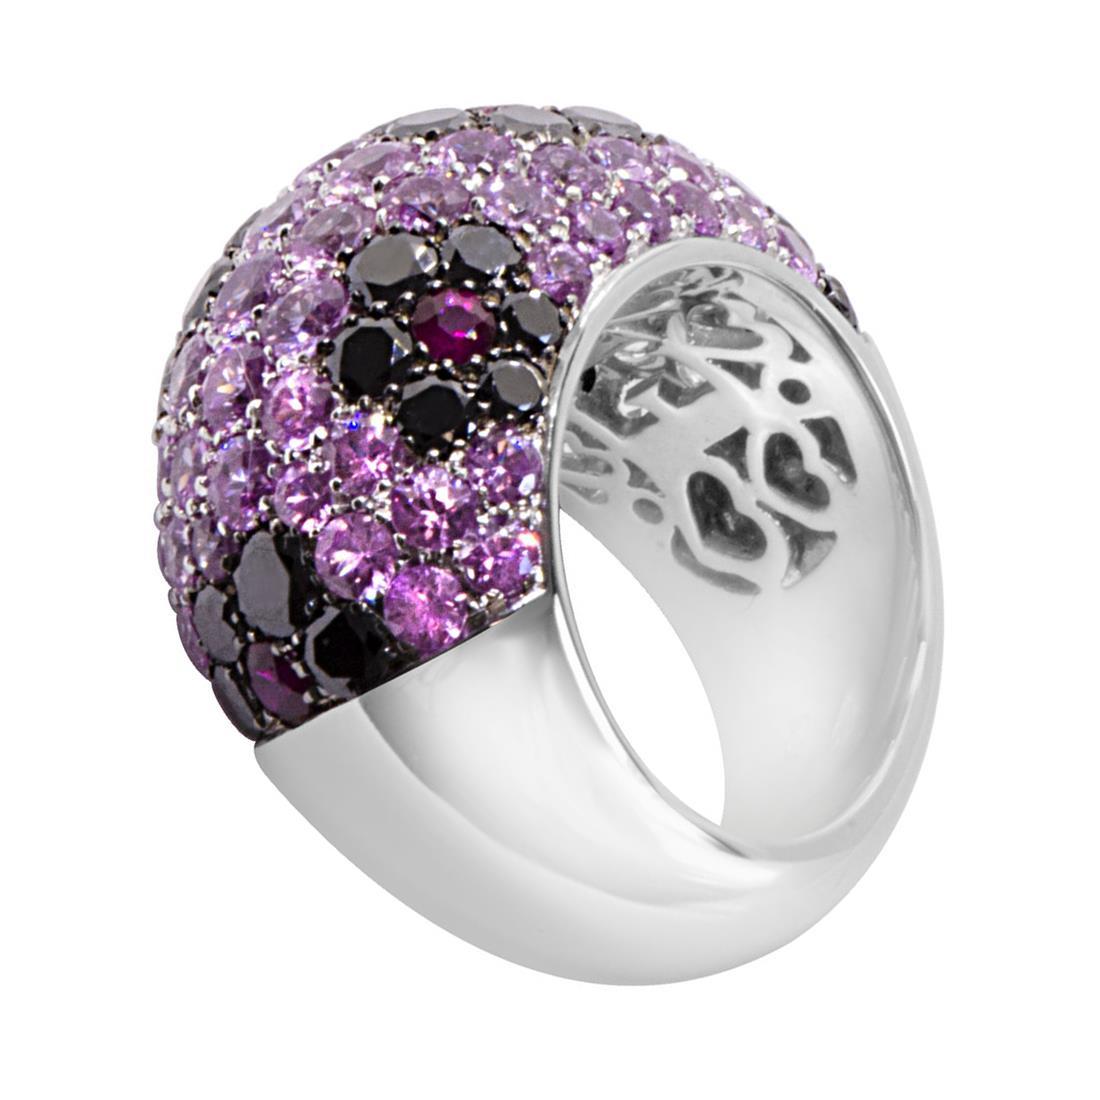 Anello in oro bianco con diamanti, zaffiri e rubini - PASQUALE BRUNI